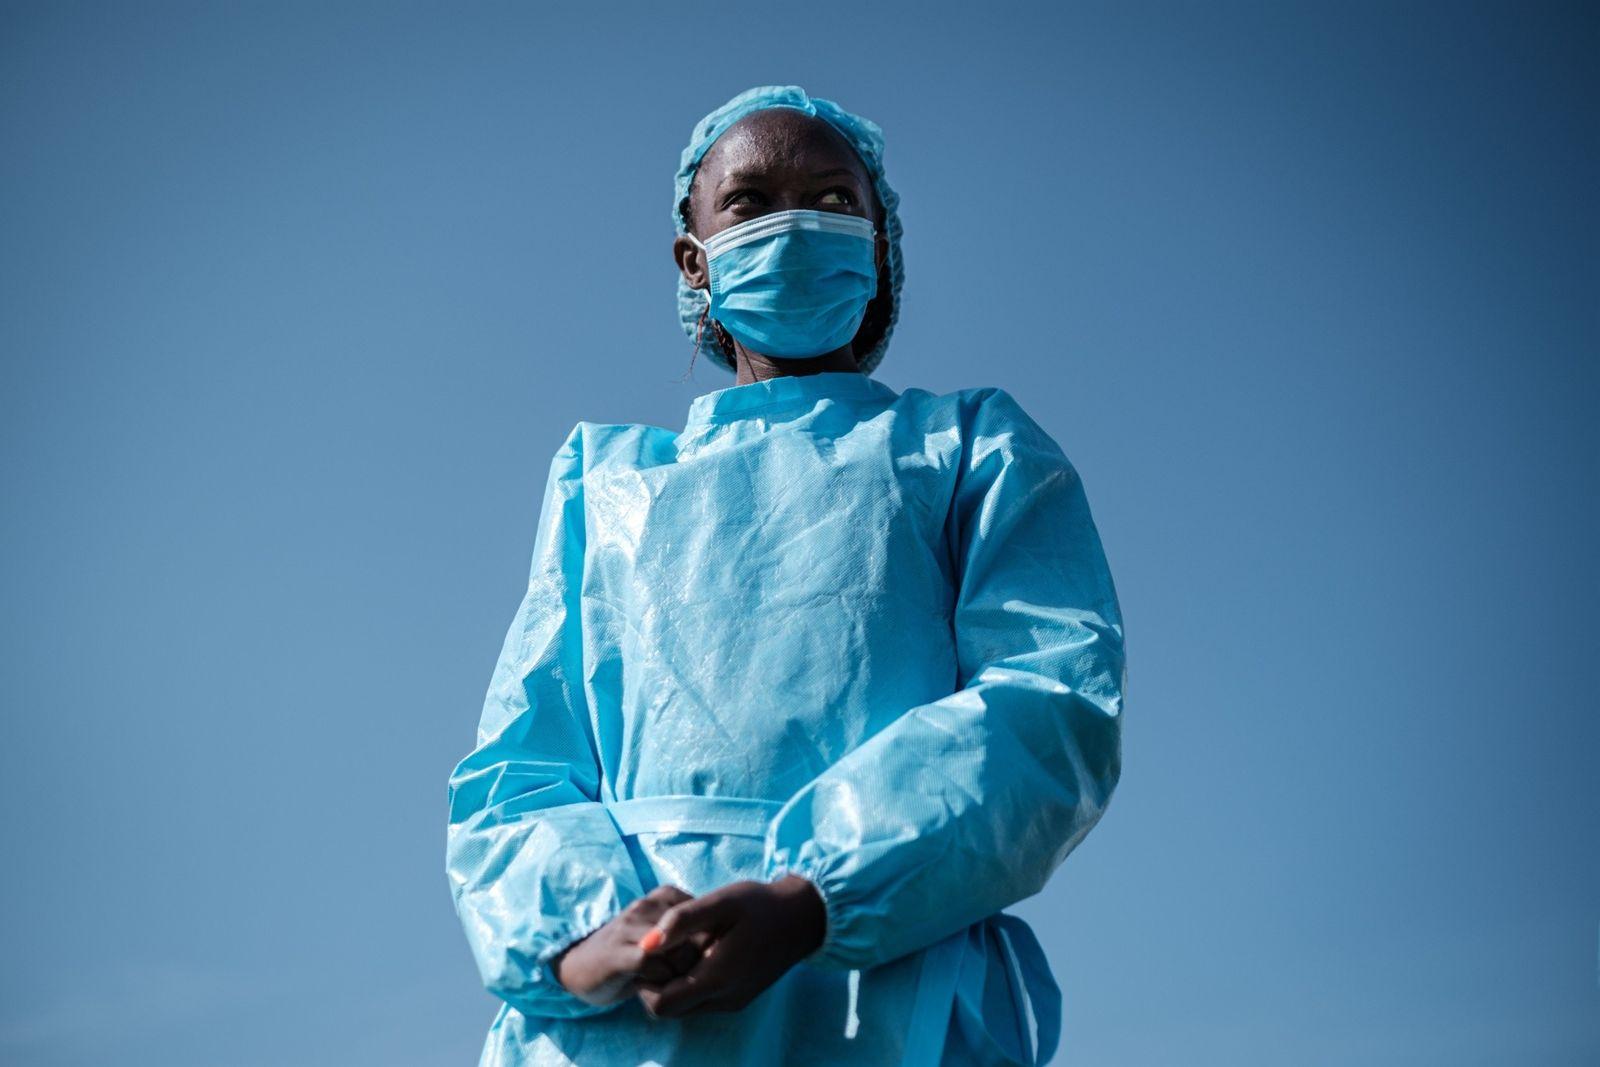 Elizabeth Wanjiru, enfermeira da Cruz Vermelha, é apresentada em uma celebração dedicada aos profissionais de enfermagem ...